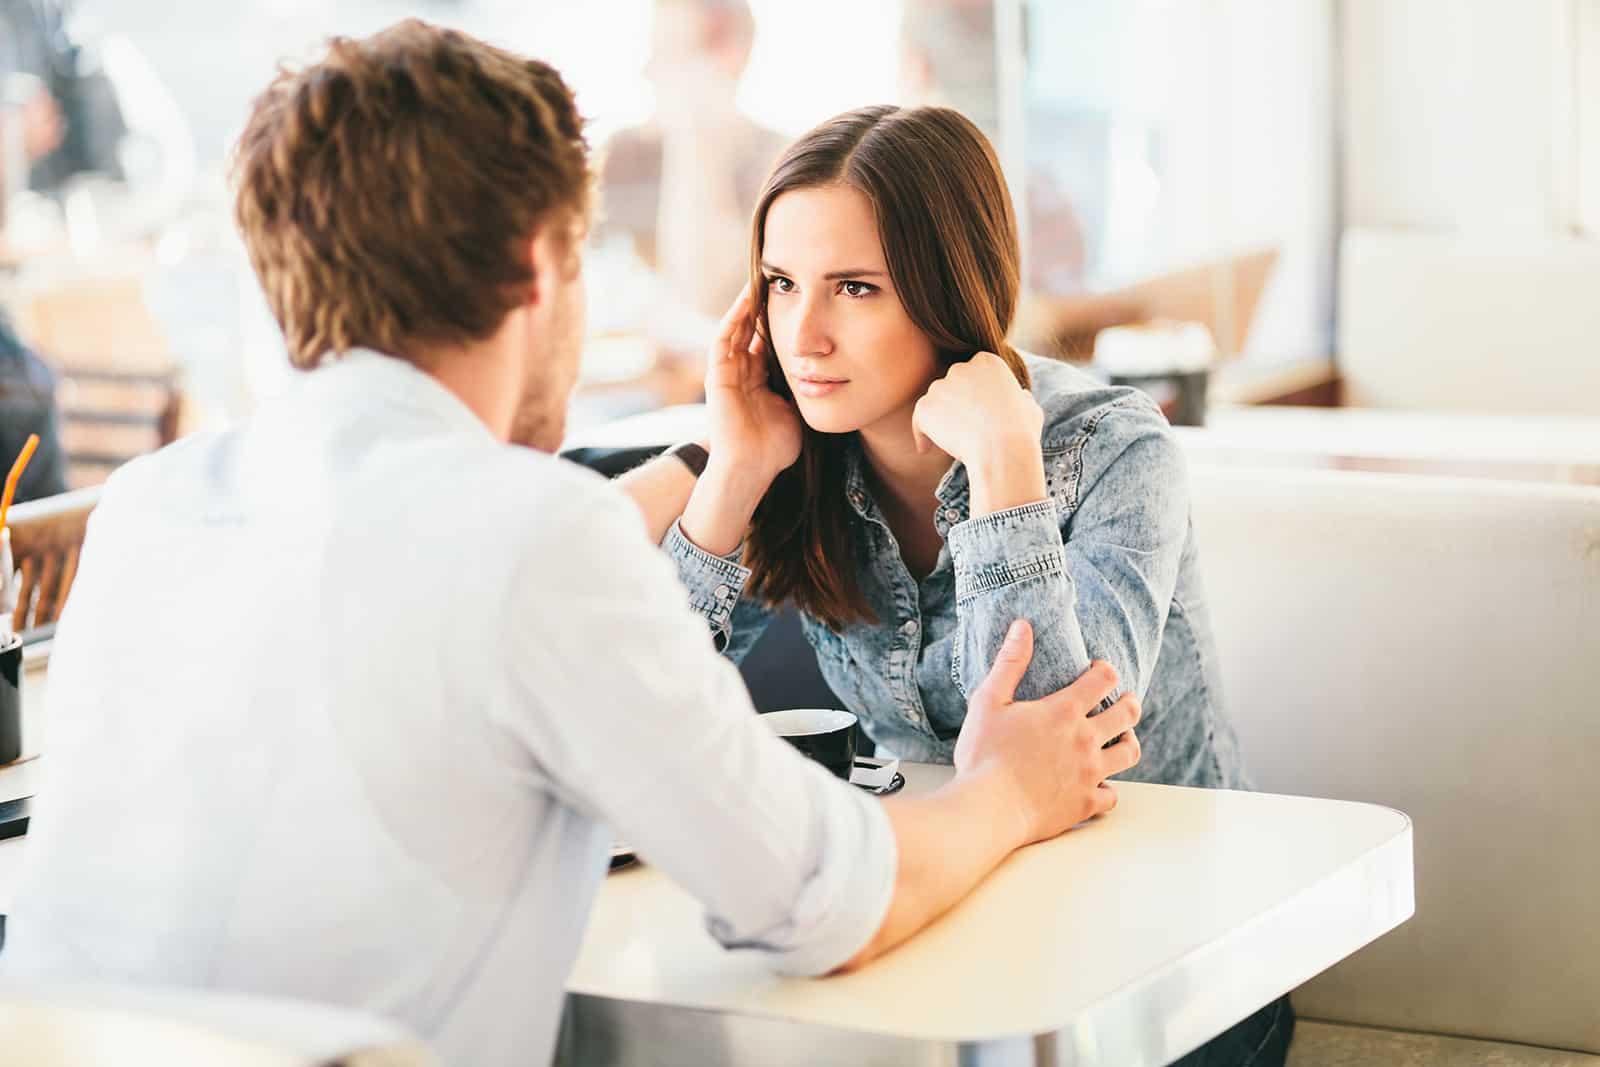 ernsthafte Frau, die einem Mann zuhört, während sie zusammen im Café sitzen